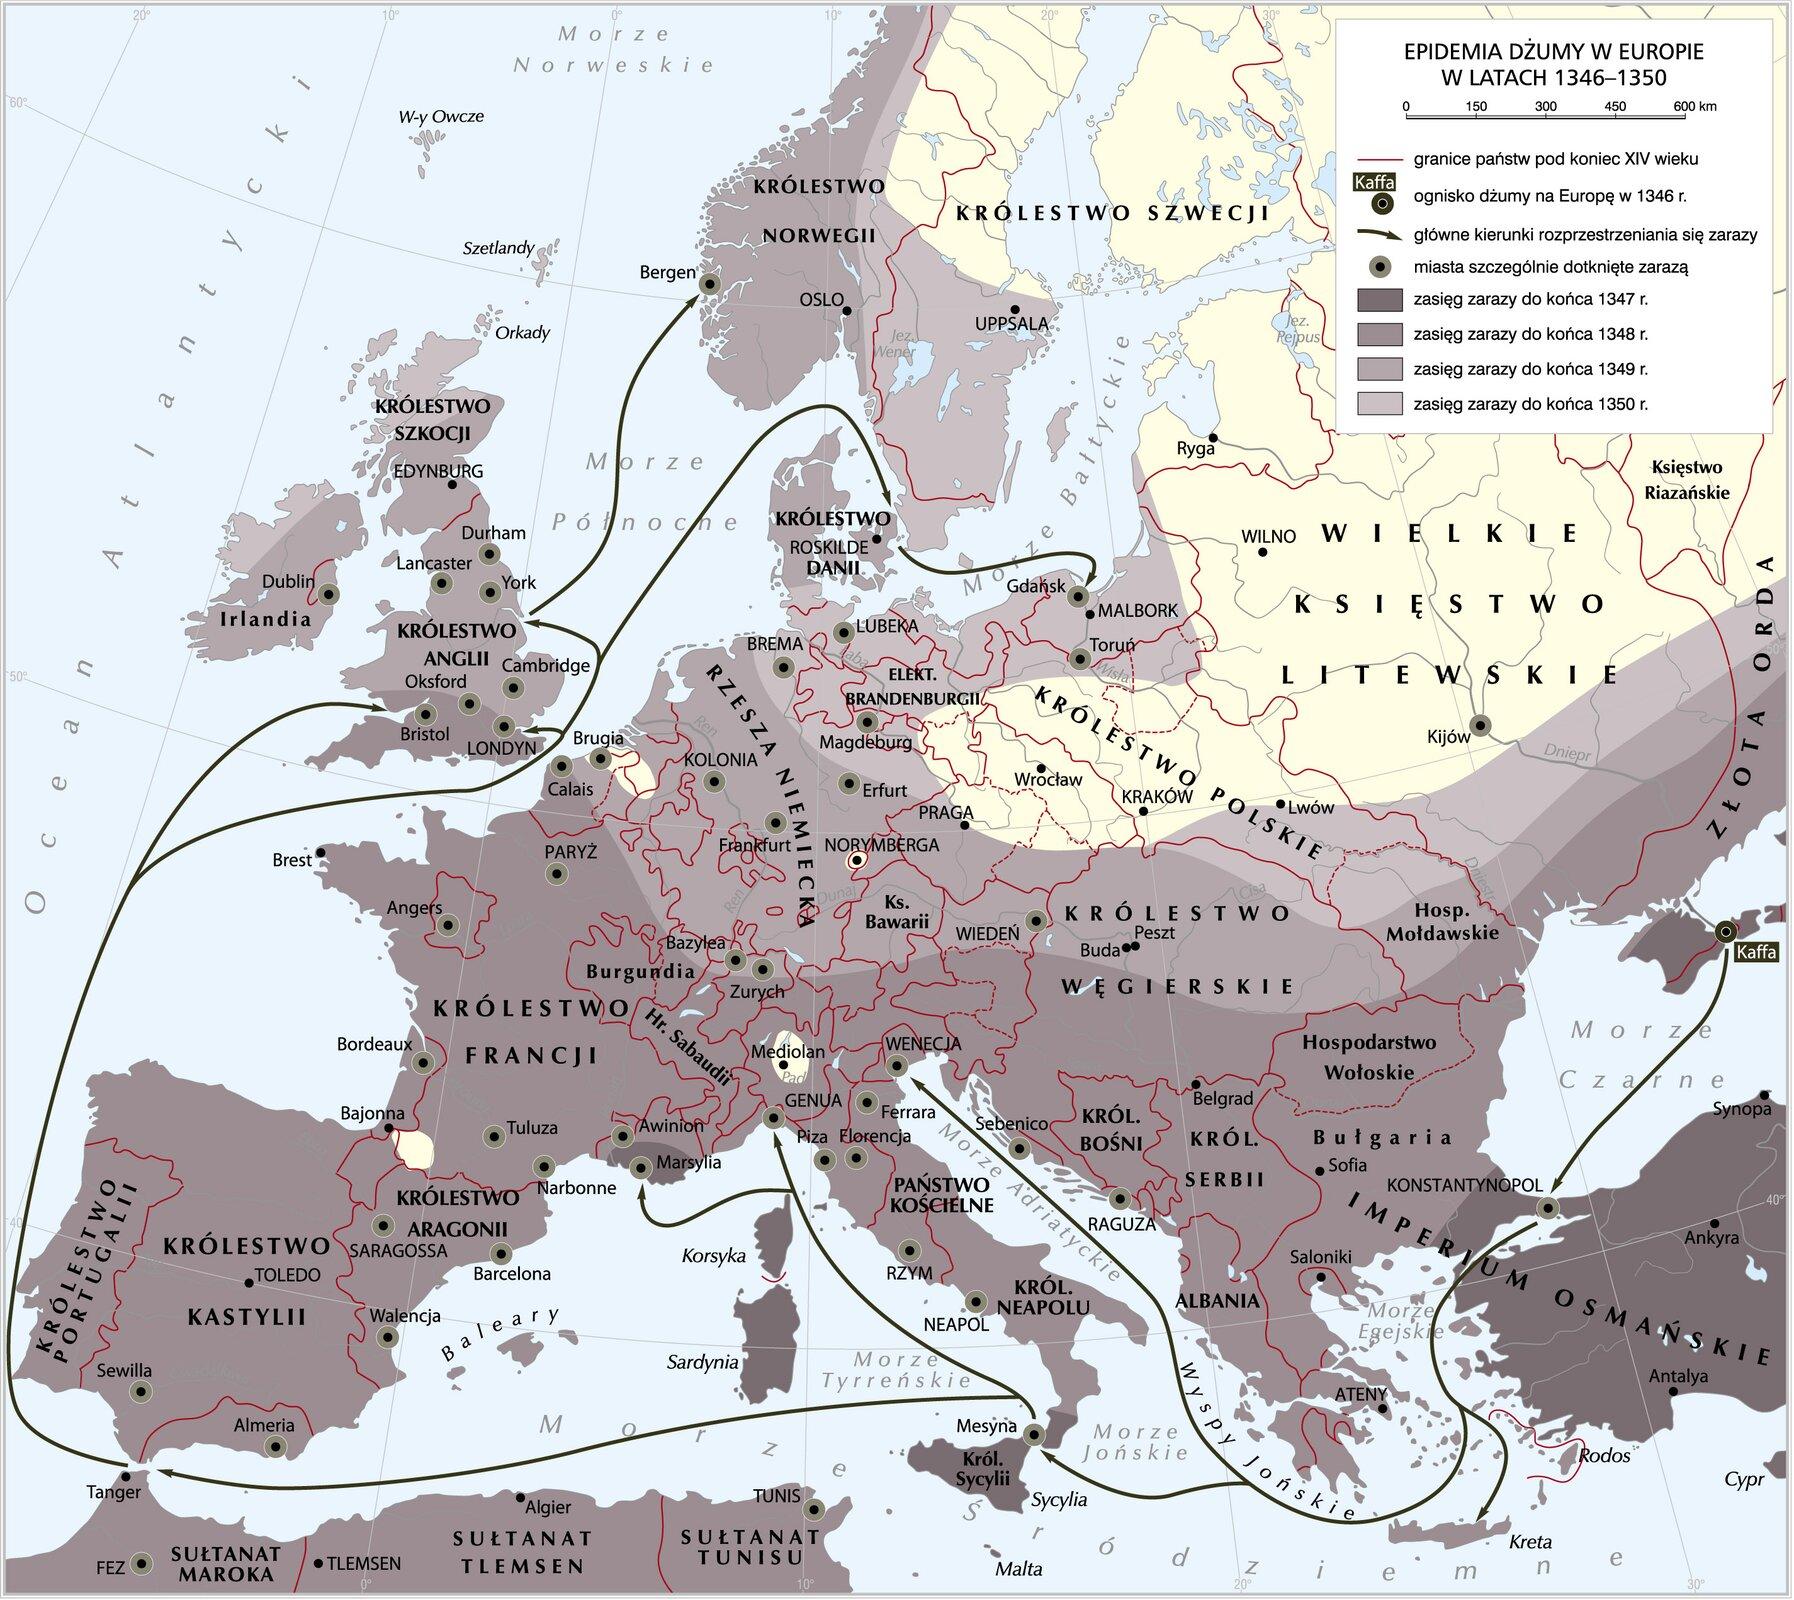 Epidemia dżumy wEuropie wlatach 1346-1350 Epidemia dżumy wEuropie wlatach 1346-1350 Źródło: Krystian Chariza izespół, licencja: CC BY 3.0.